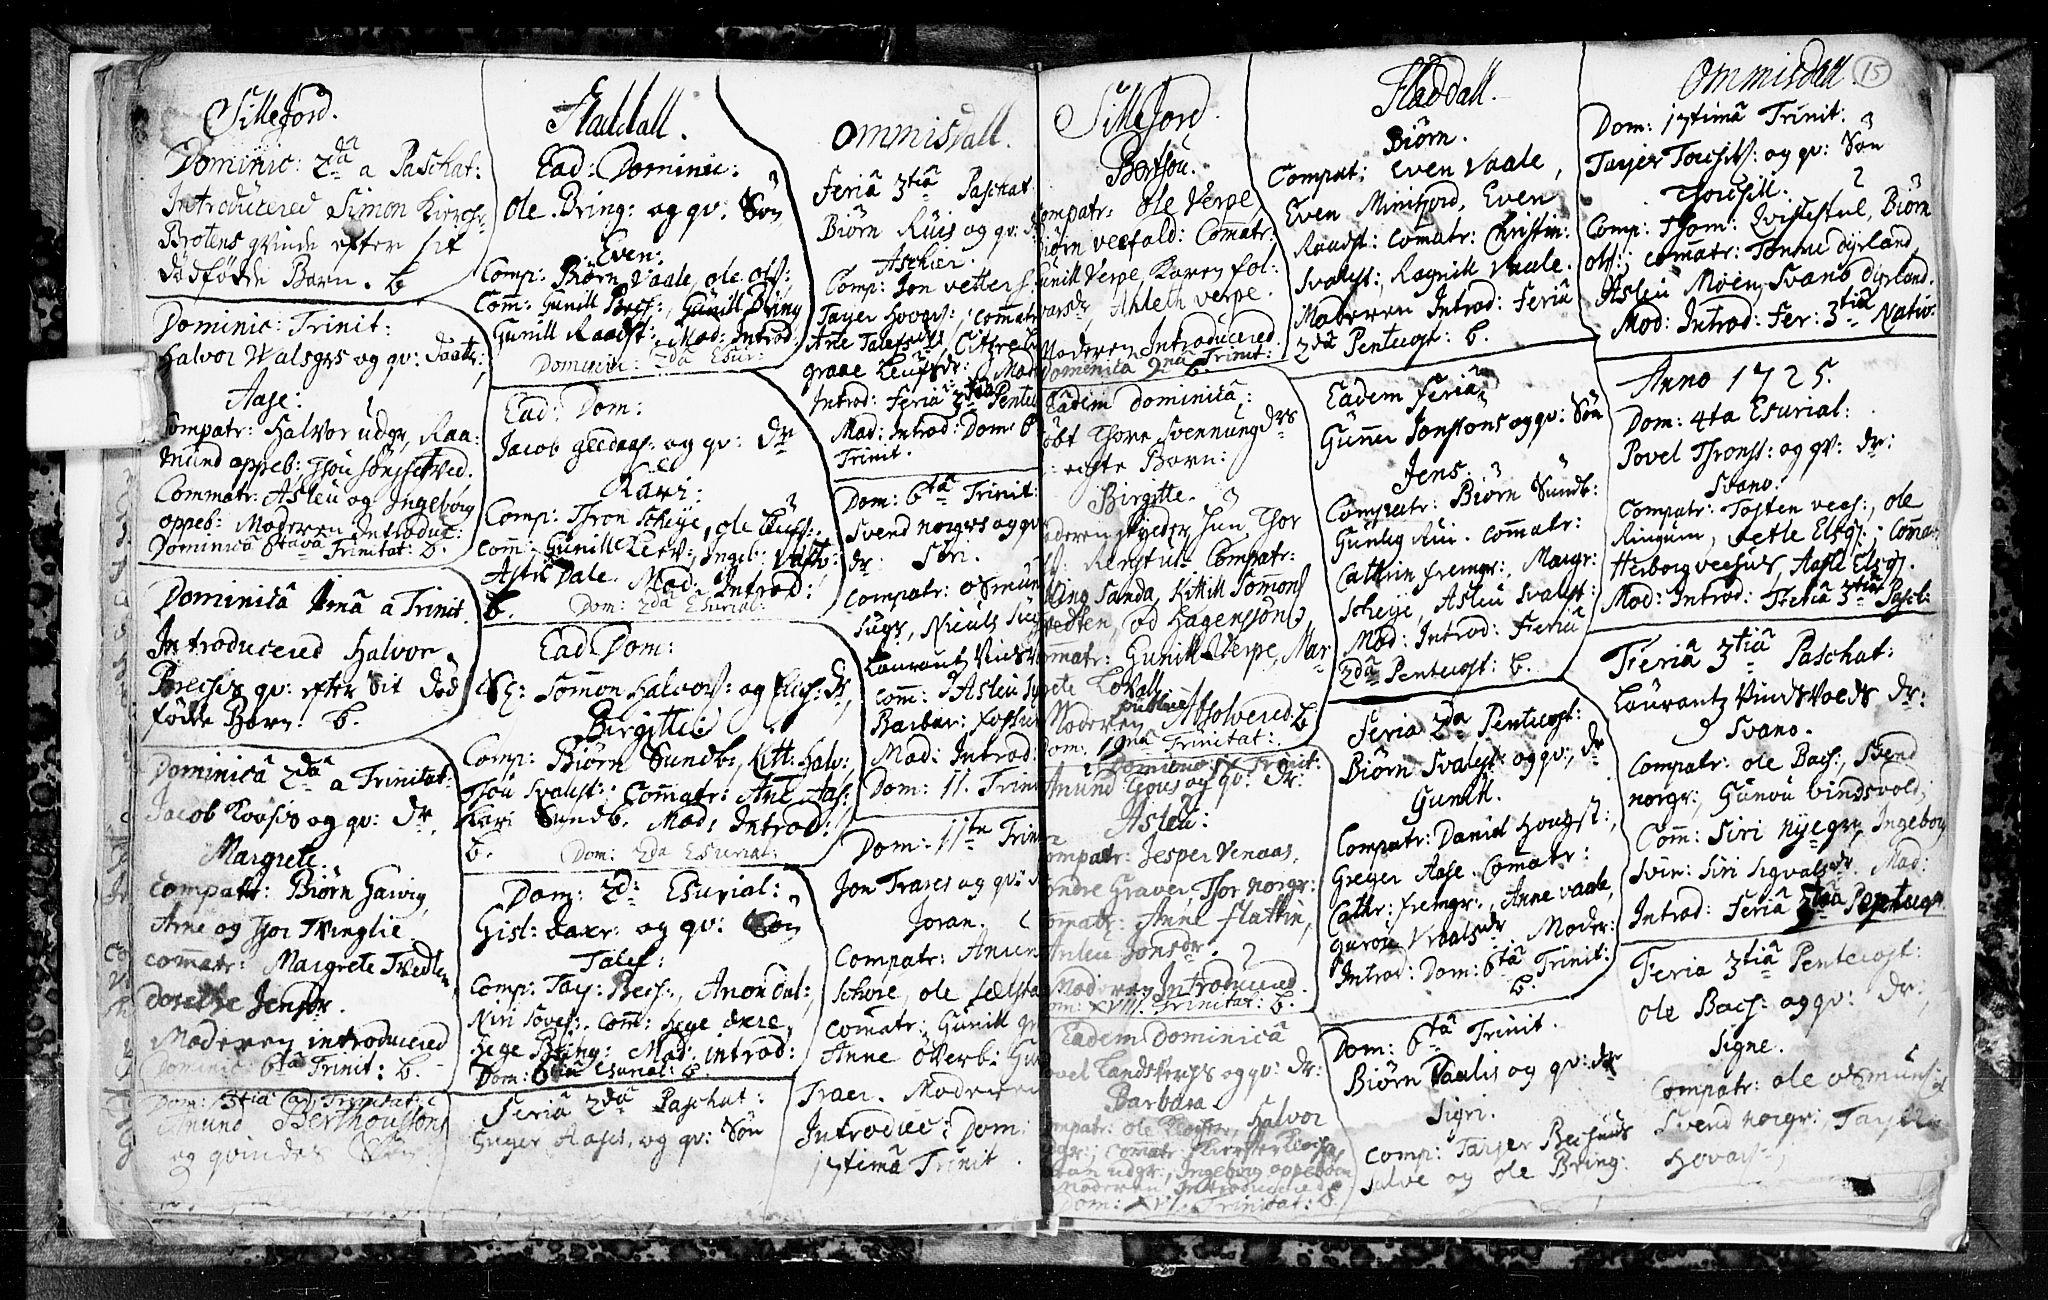 SAKO, Seljord kirkebøker, F/Fa/L0003: Ministerialbok nr. I 3, 1714-1725, s. 15